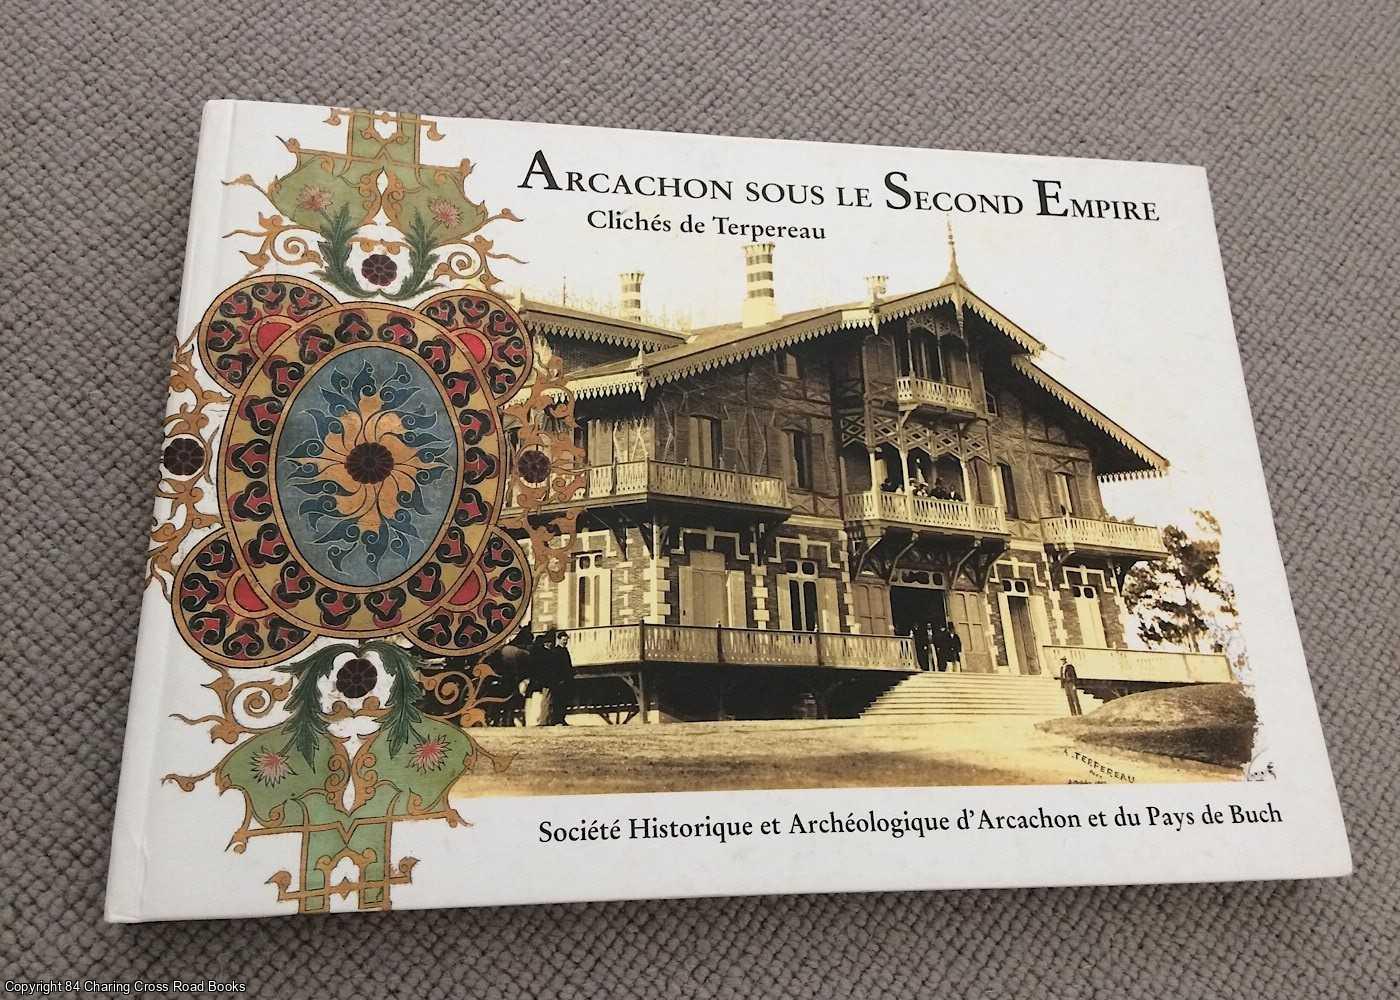 ALPHONSE TERPEREAU ET SOCIÉTÉ HISTORIQUE ET ARCHÉOLOGIQUE D'ARCACHON ET DU PAYS DE BUCH - Arcachon sous le Second Empire : Clichés de Terpereau